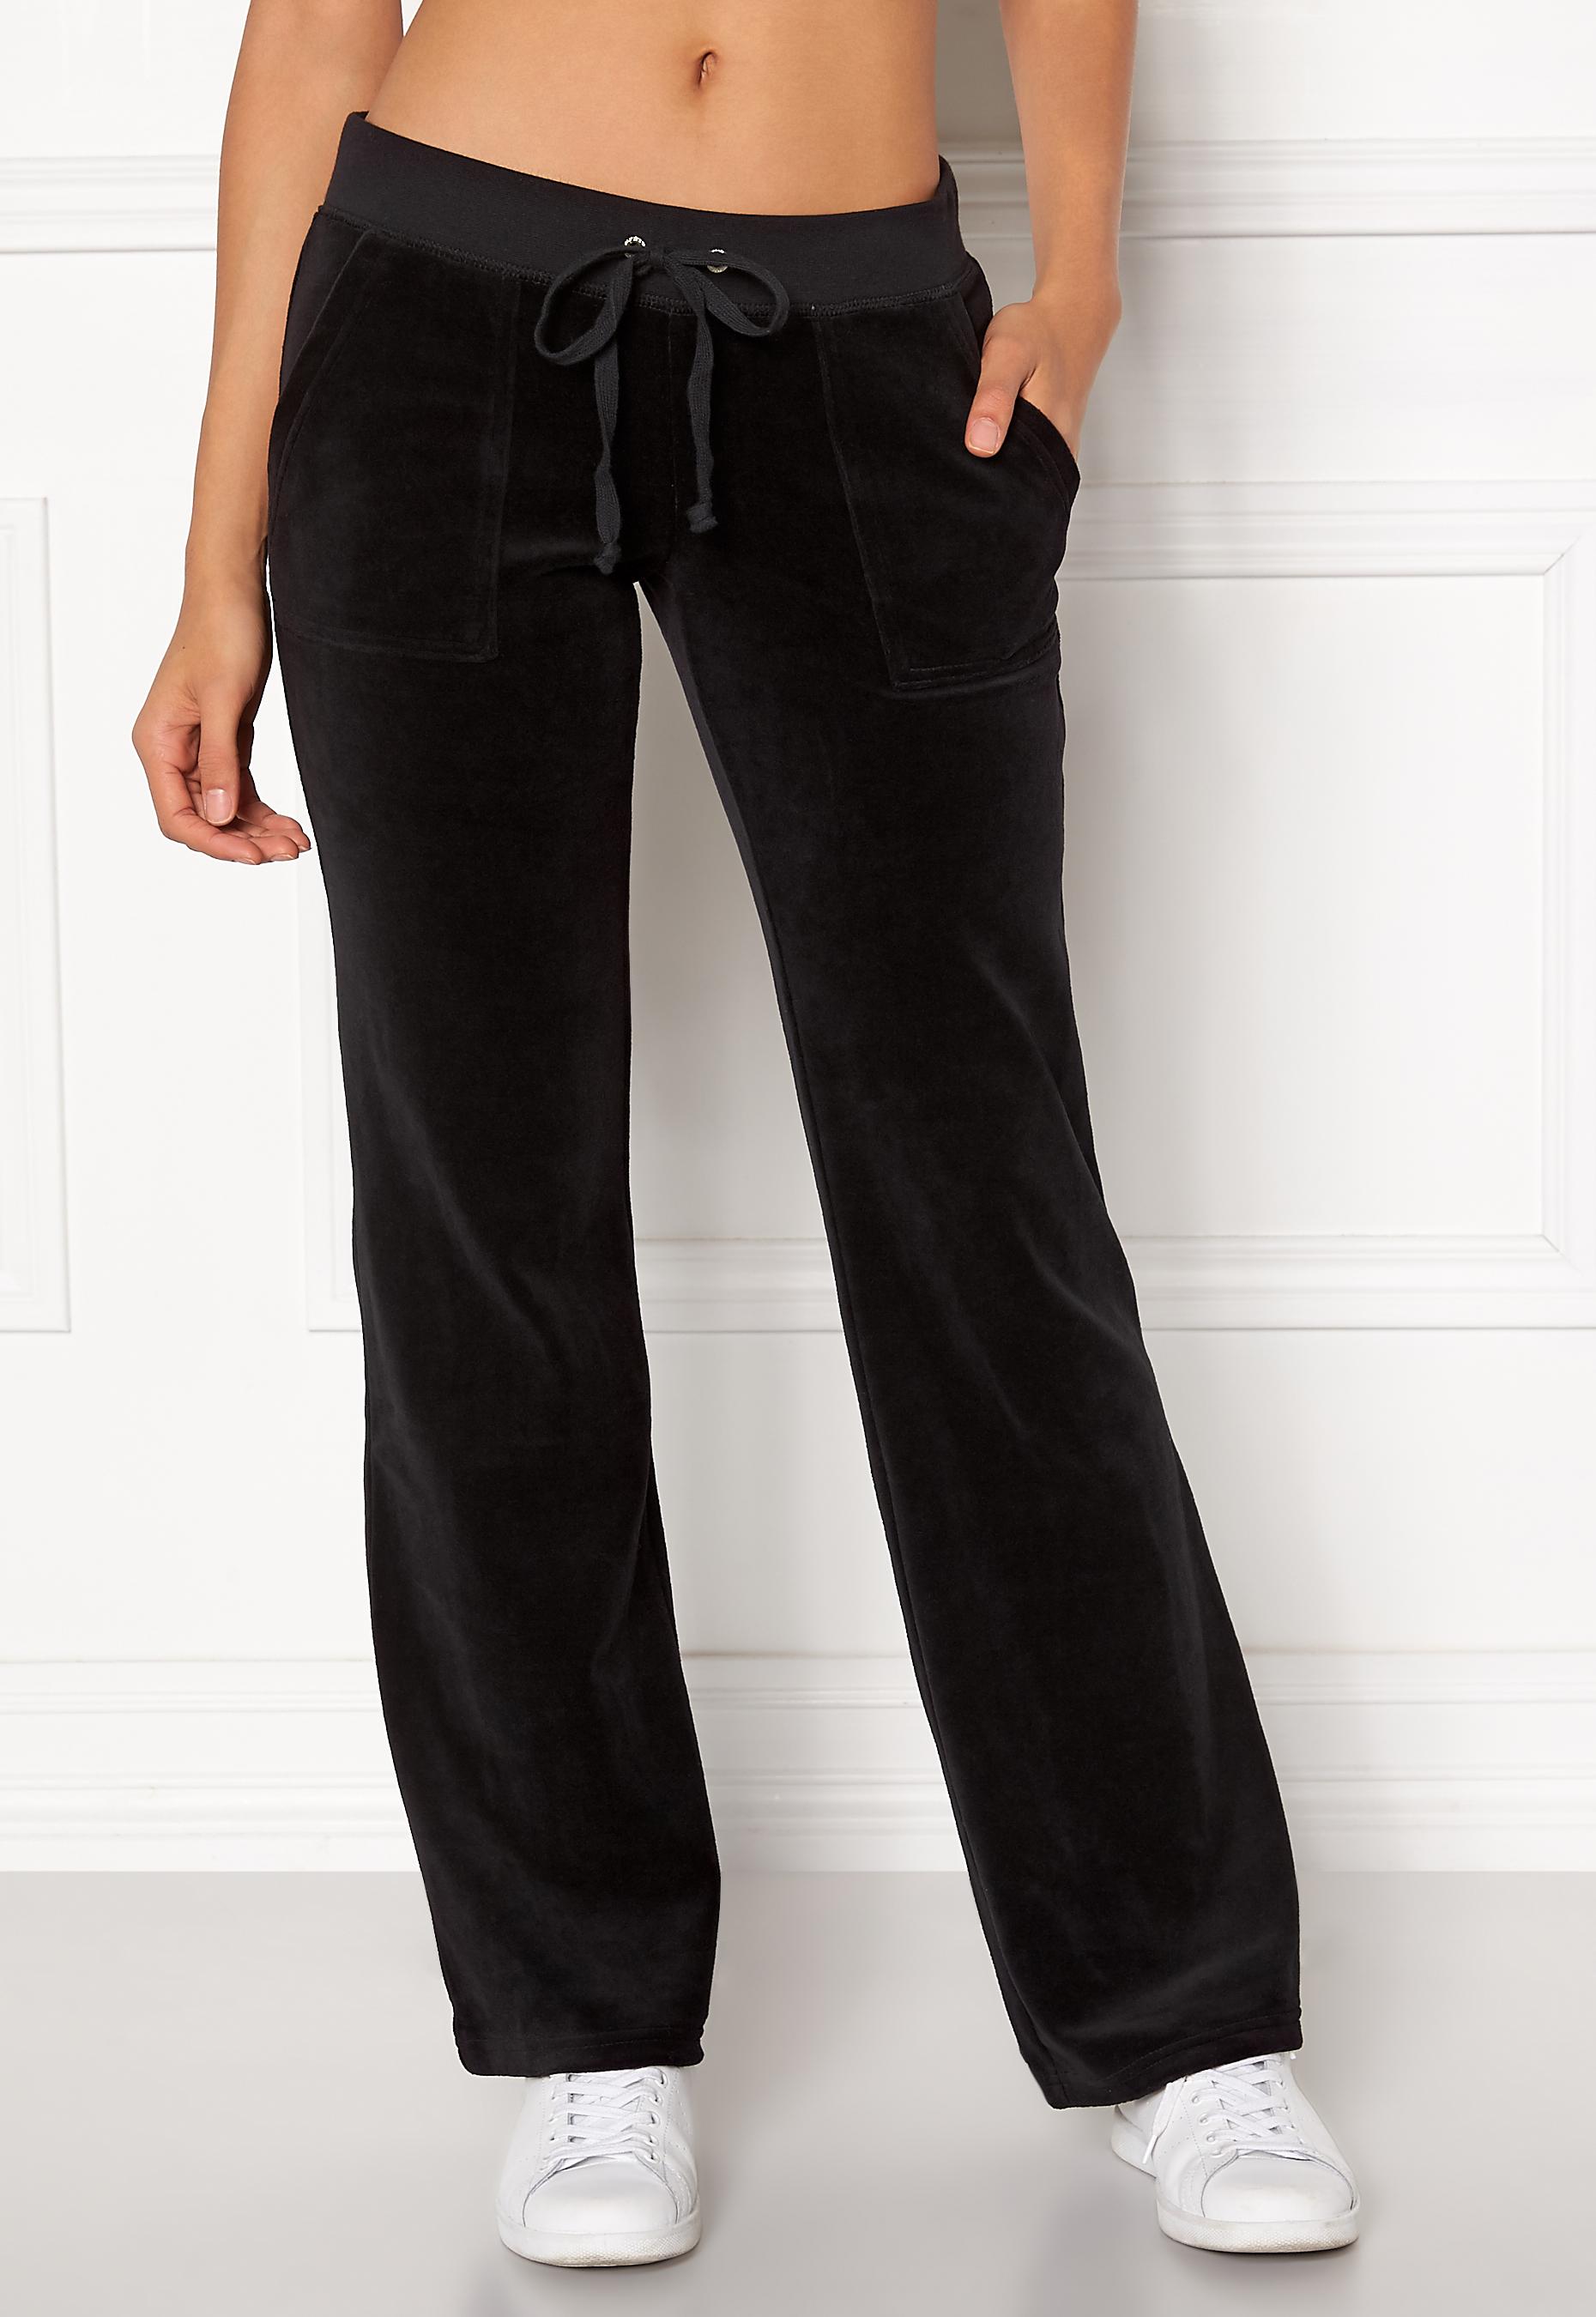 Juicy Couture Velour Del Rey Pant Pitch Black Bubbleroom